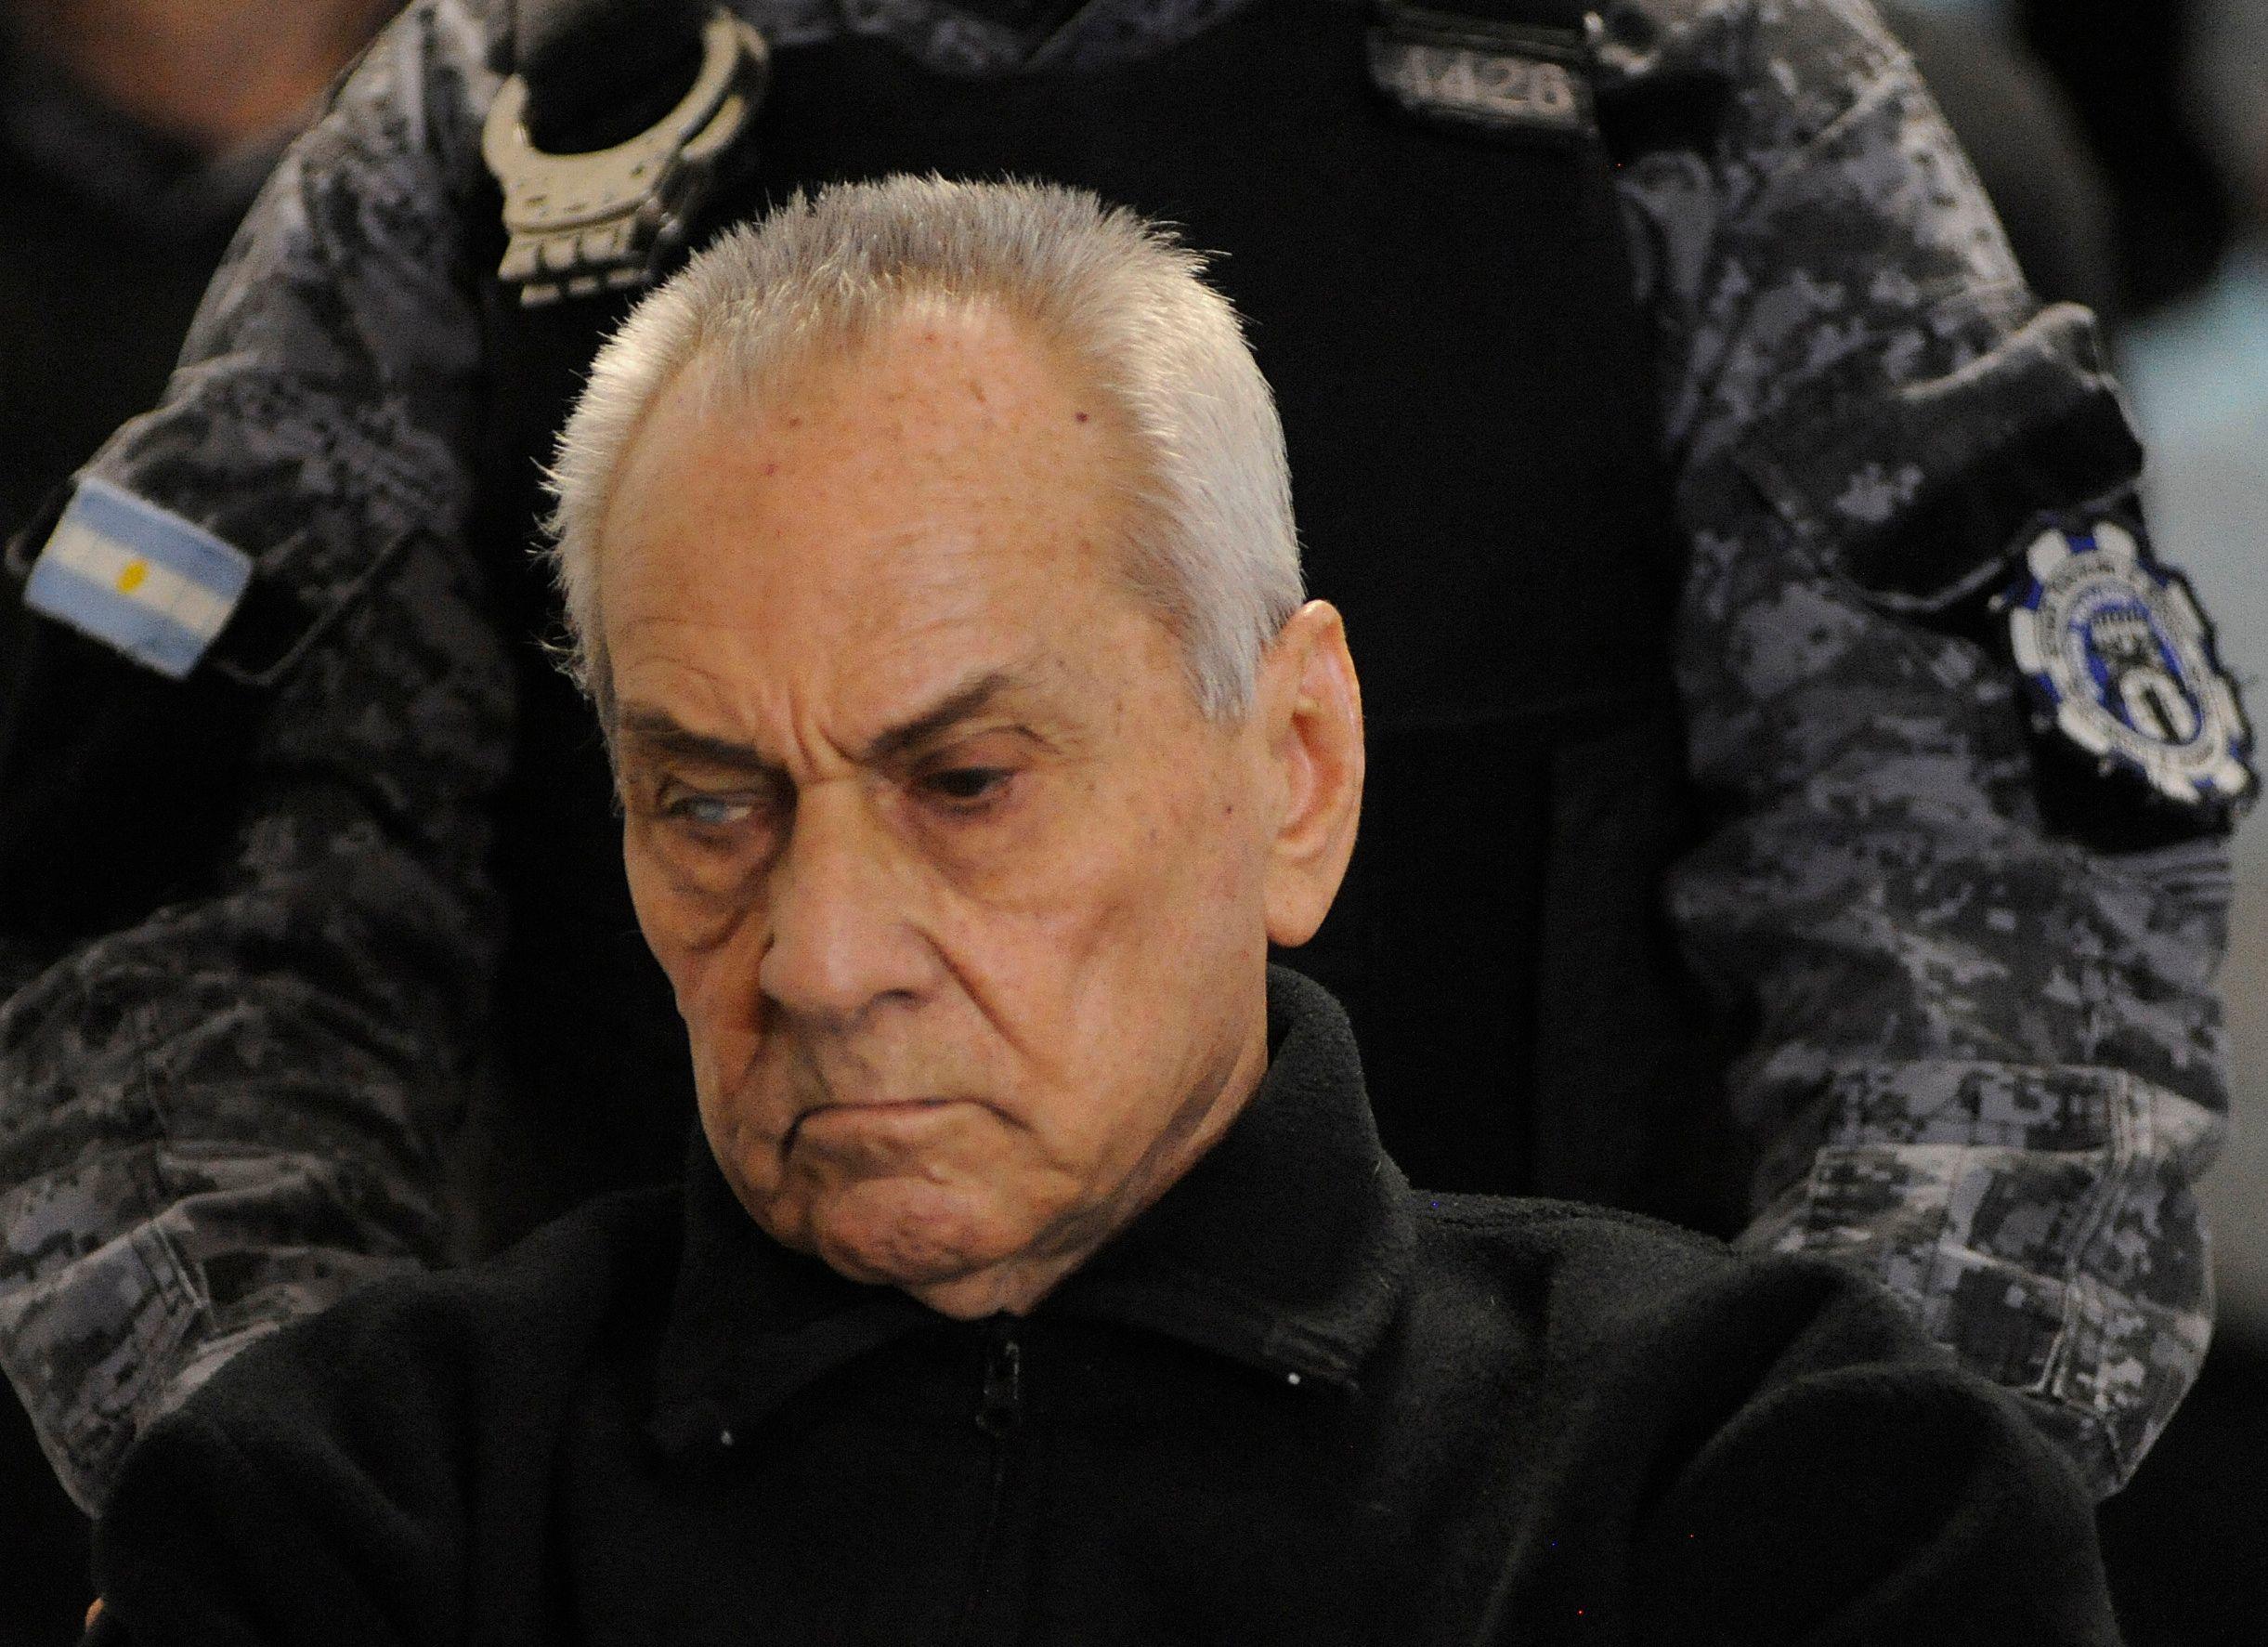 تصویری از نیکولاس کورادی ، کشیشی که درگذشت و به جرم سو abuse استفاده محکوم شد.